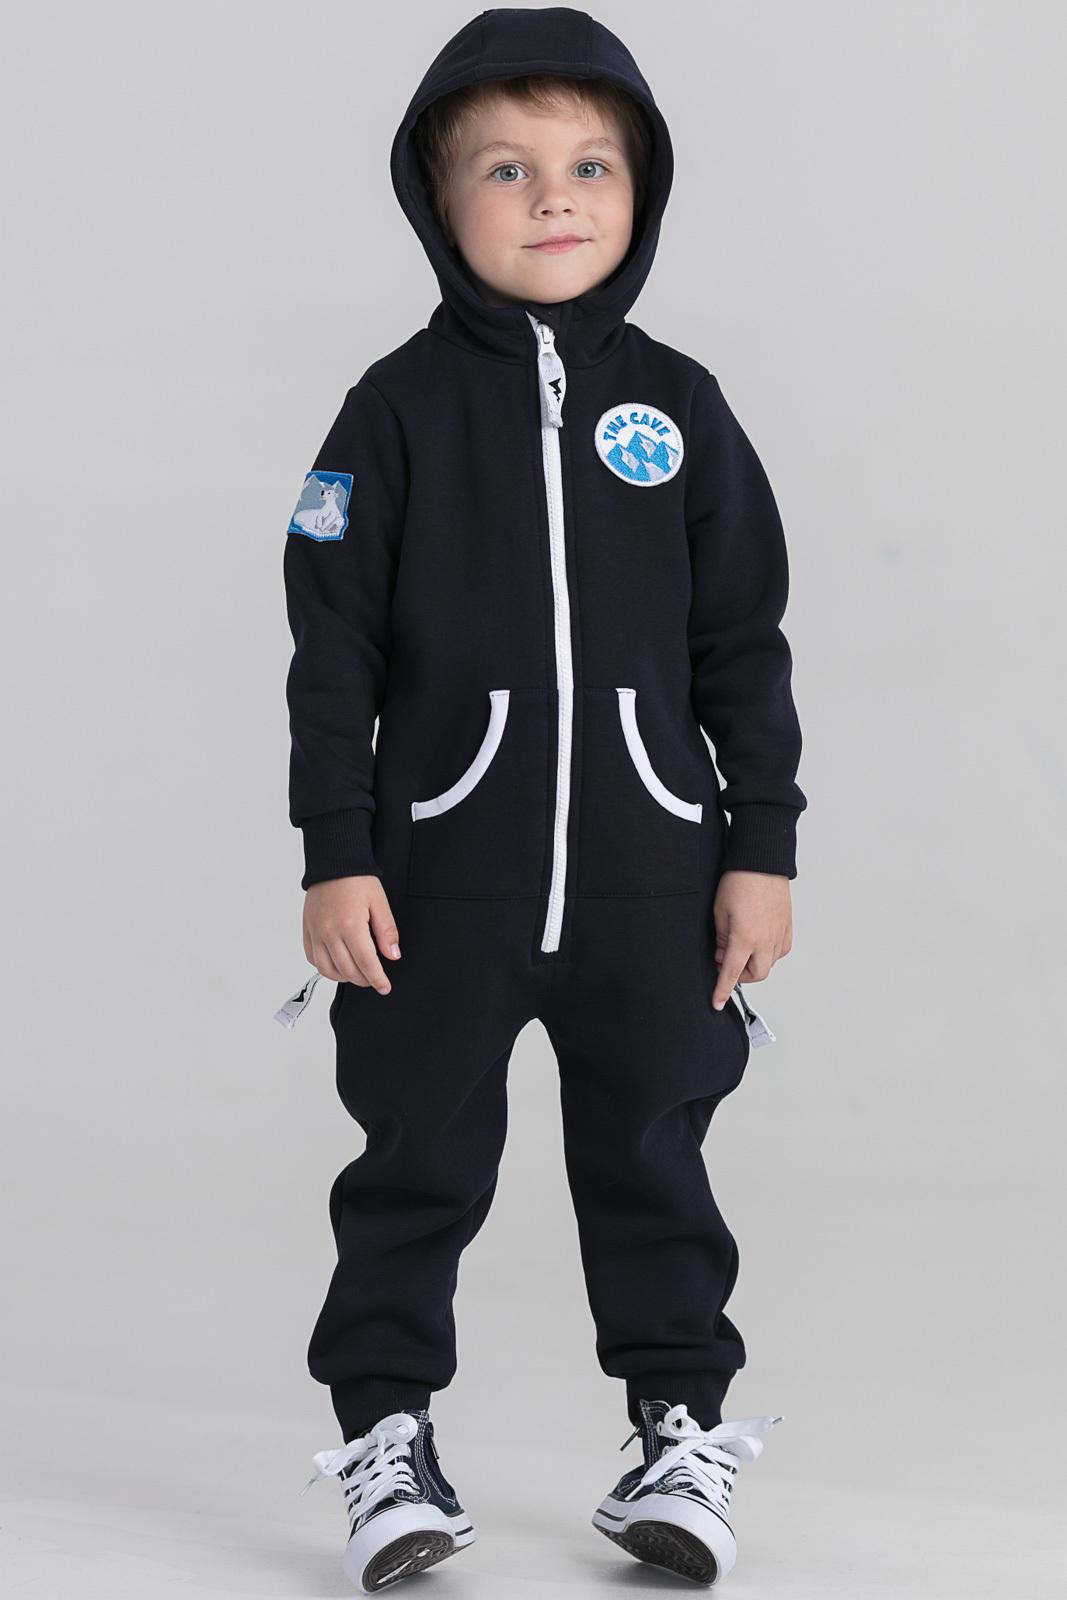 Детская домашняя одежда The Cave Детский комбинезон Darrel Цвет: Темно-Синий (1-2 года) флисовый комбинезон детский 2 года